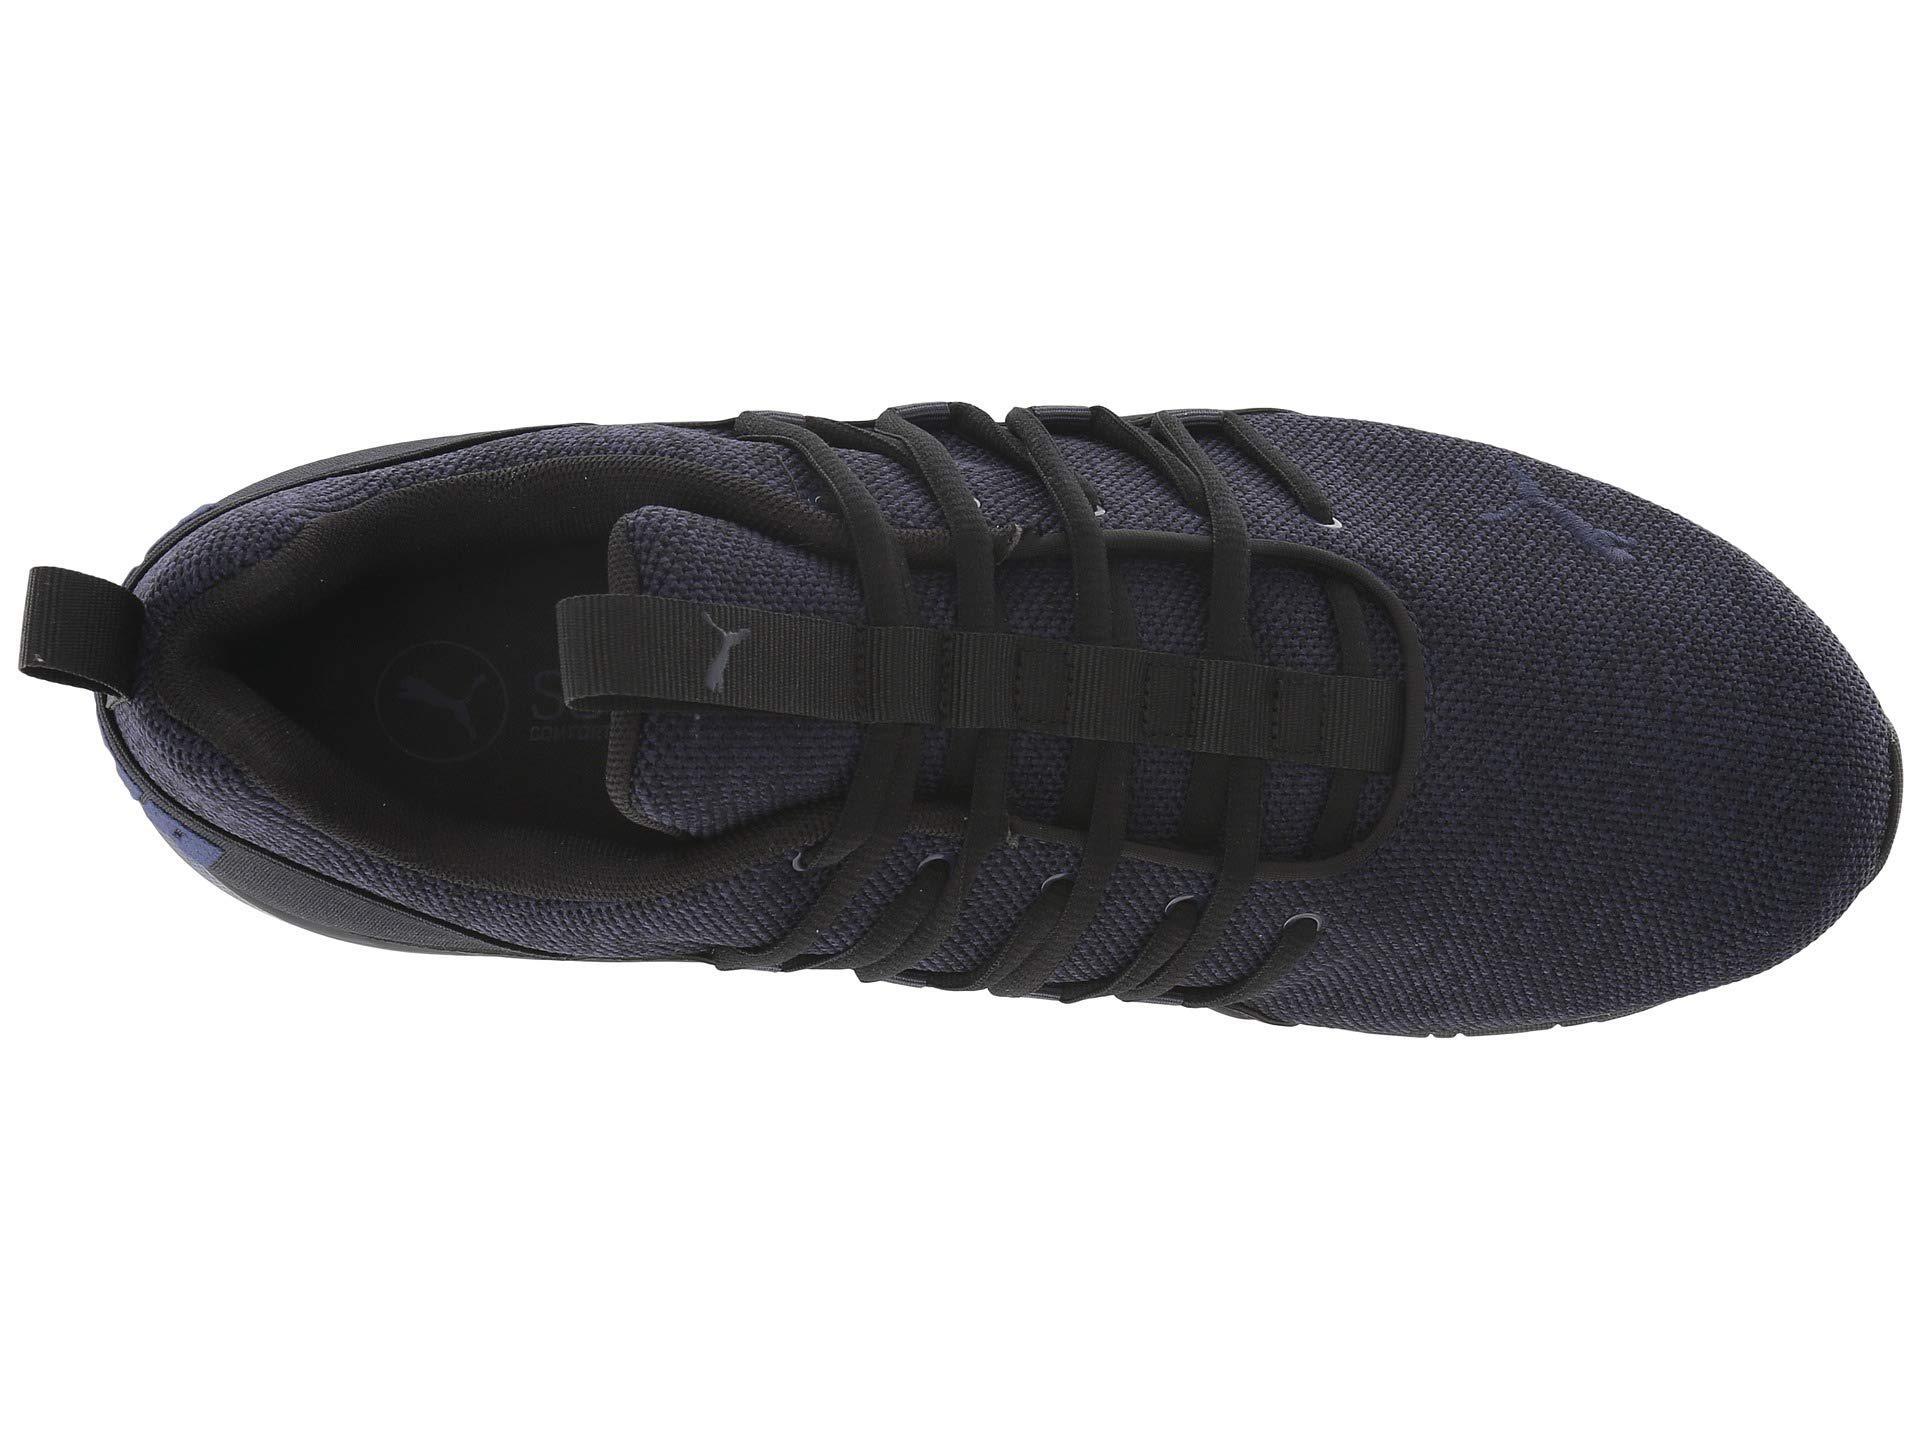 0dce47bcac4d ... cheap for sale e0bd4 fae1b PUMA - Axelion ( Black peacoat) Men s Shoes  for ...